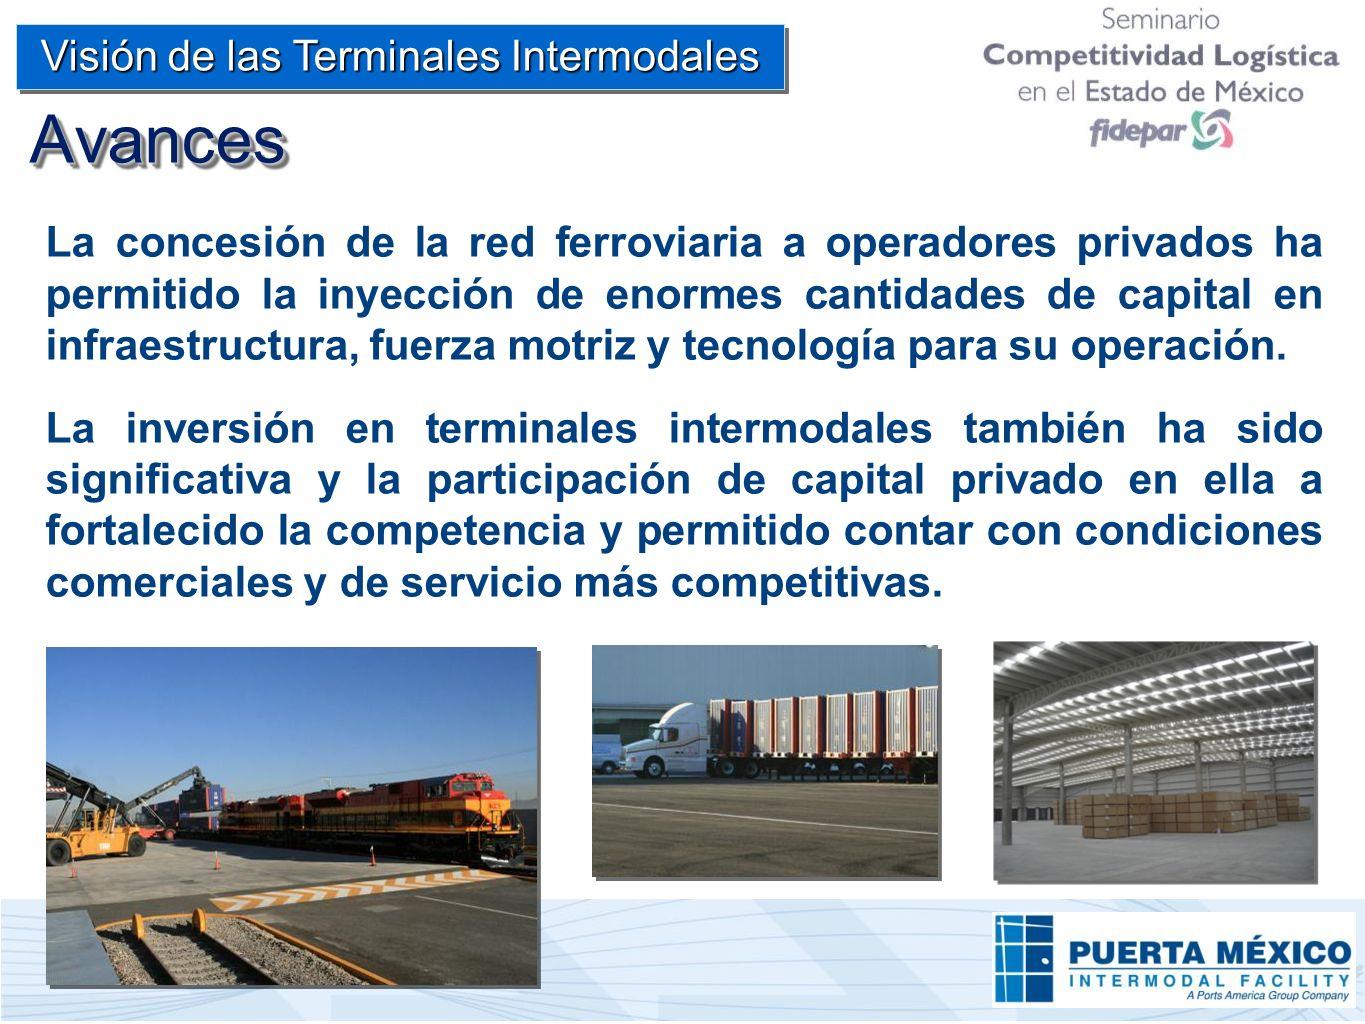 La cobertura de los servicios intermodales se ha multiplicado su vinculación con sectores productivos como el automotriz y electrónico han sido factor clave del crecimiento de estos sectores en México.